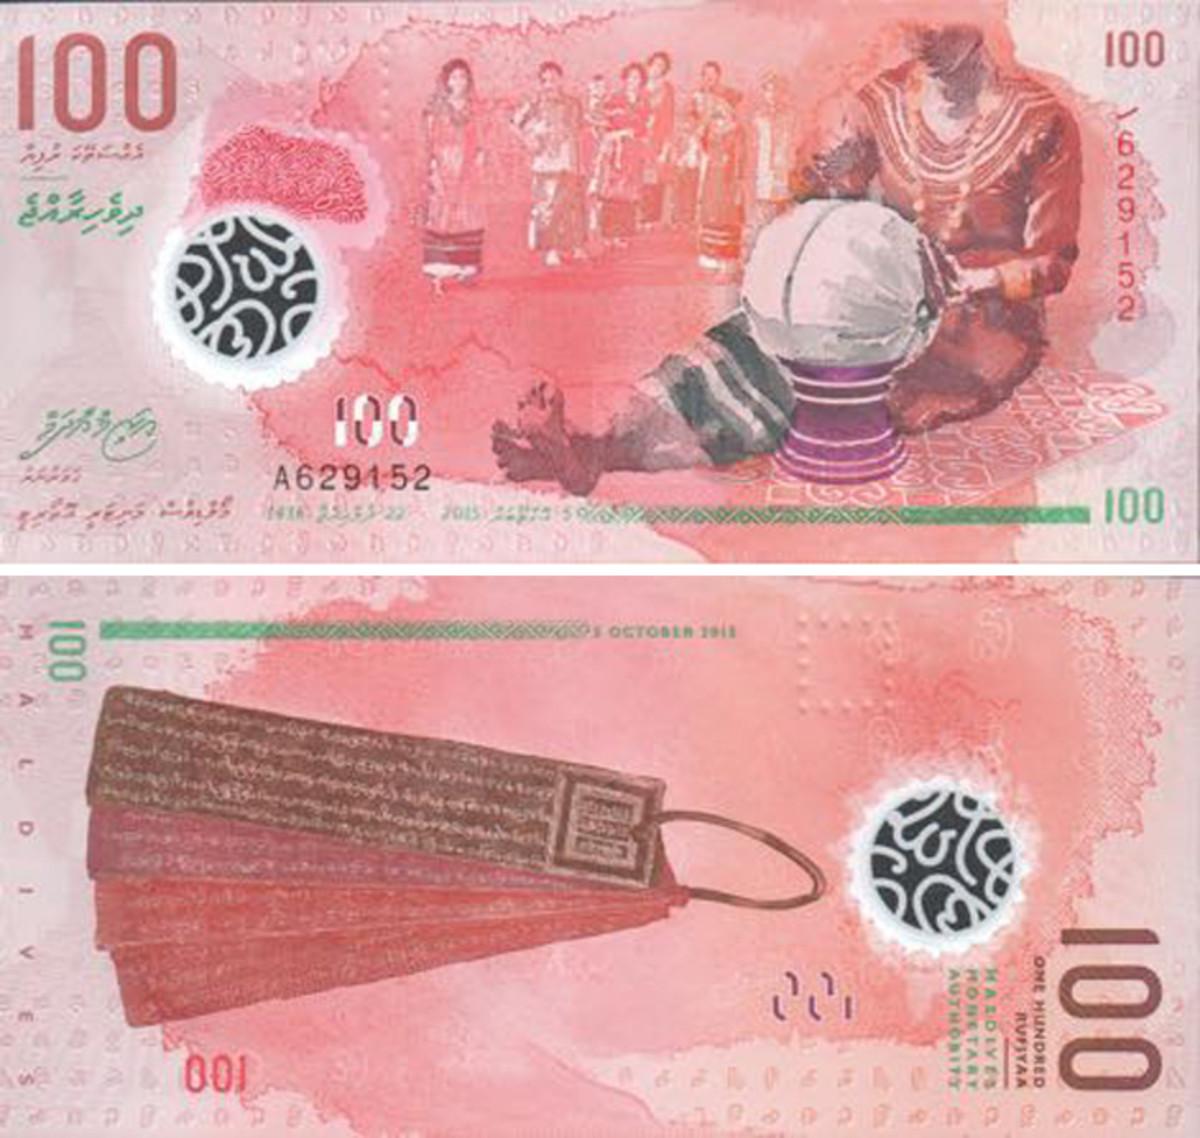 The new 100 rufiyaa note.